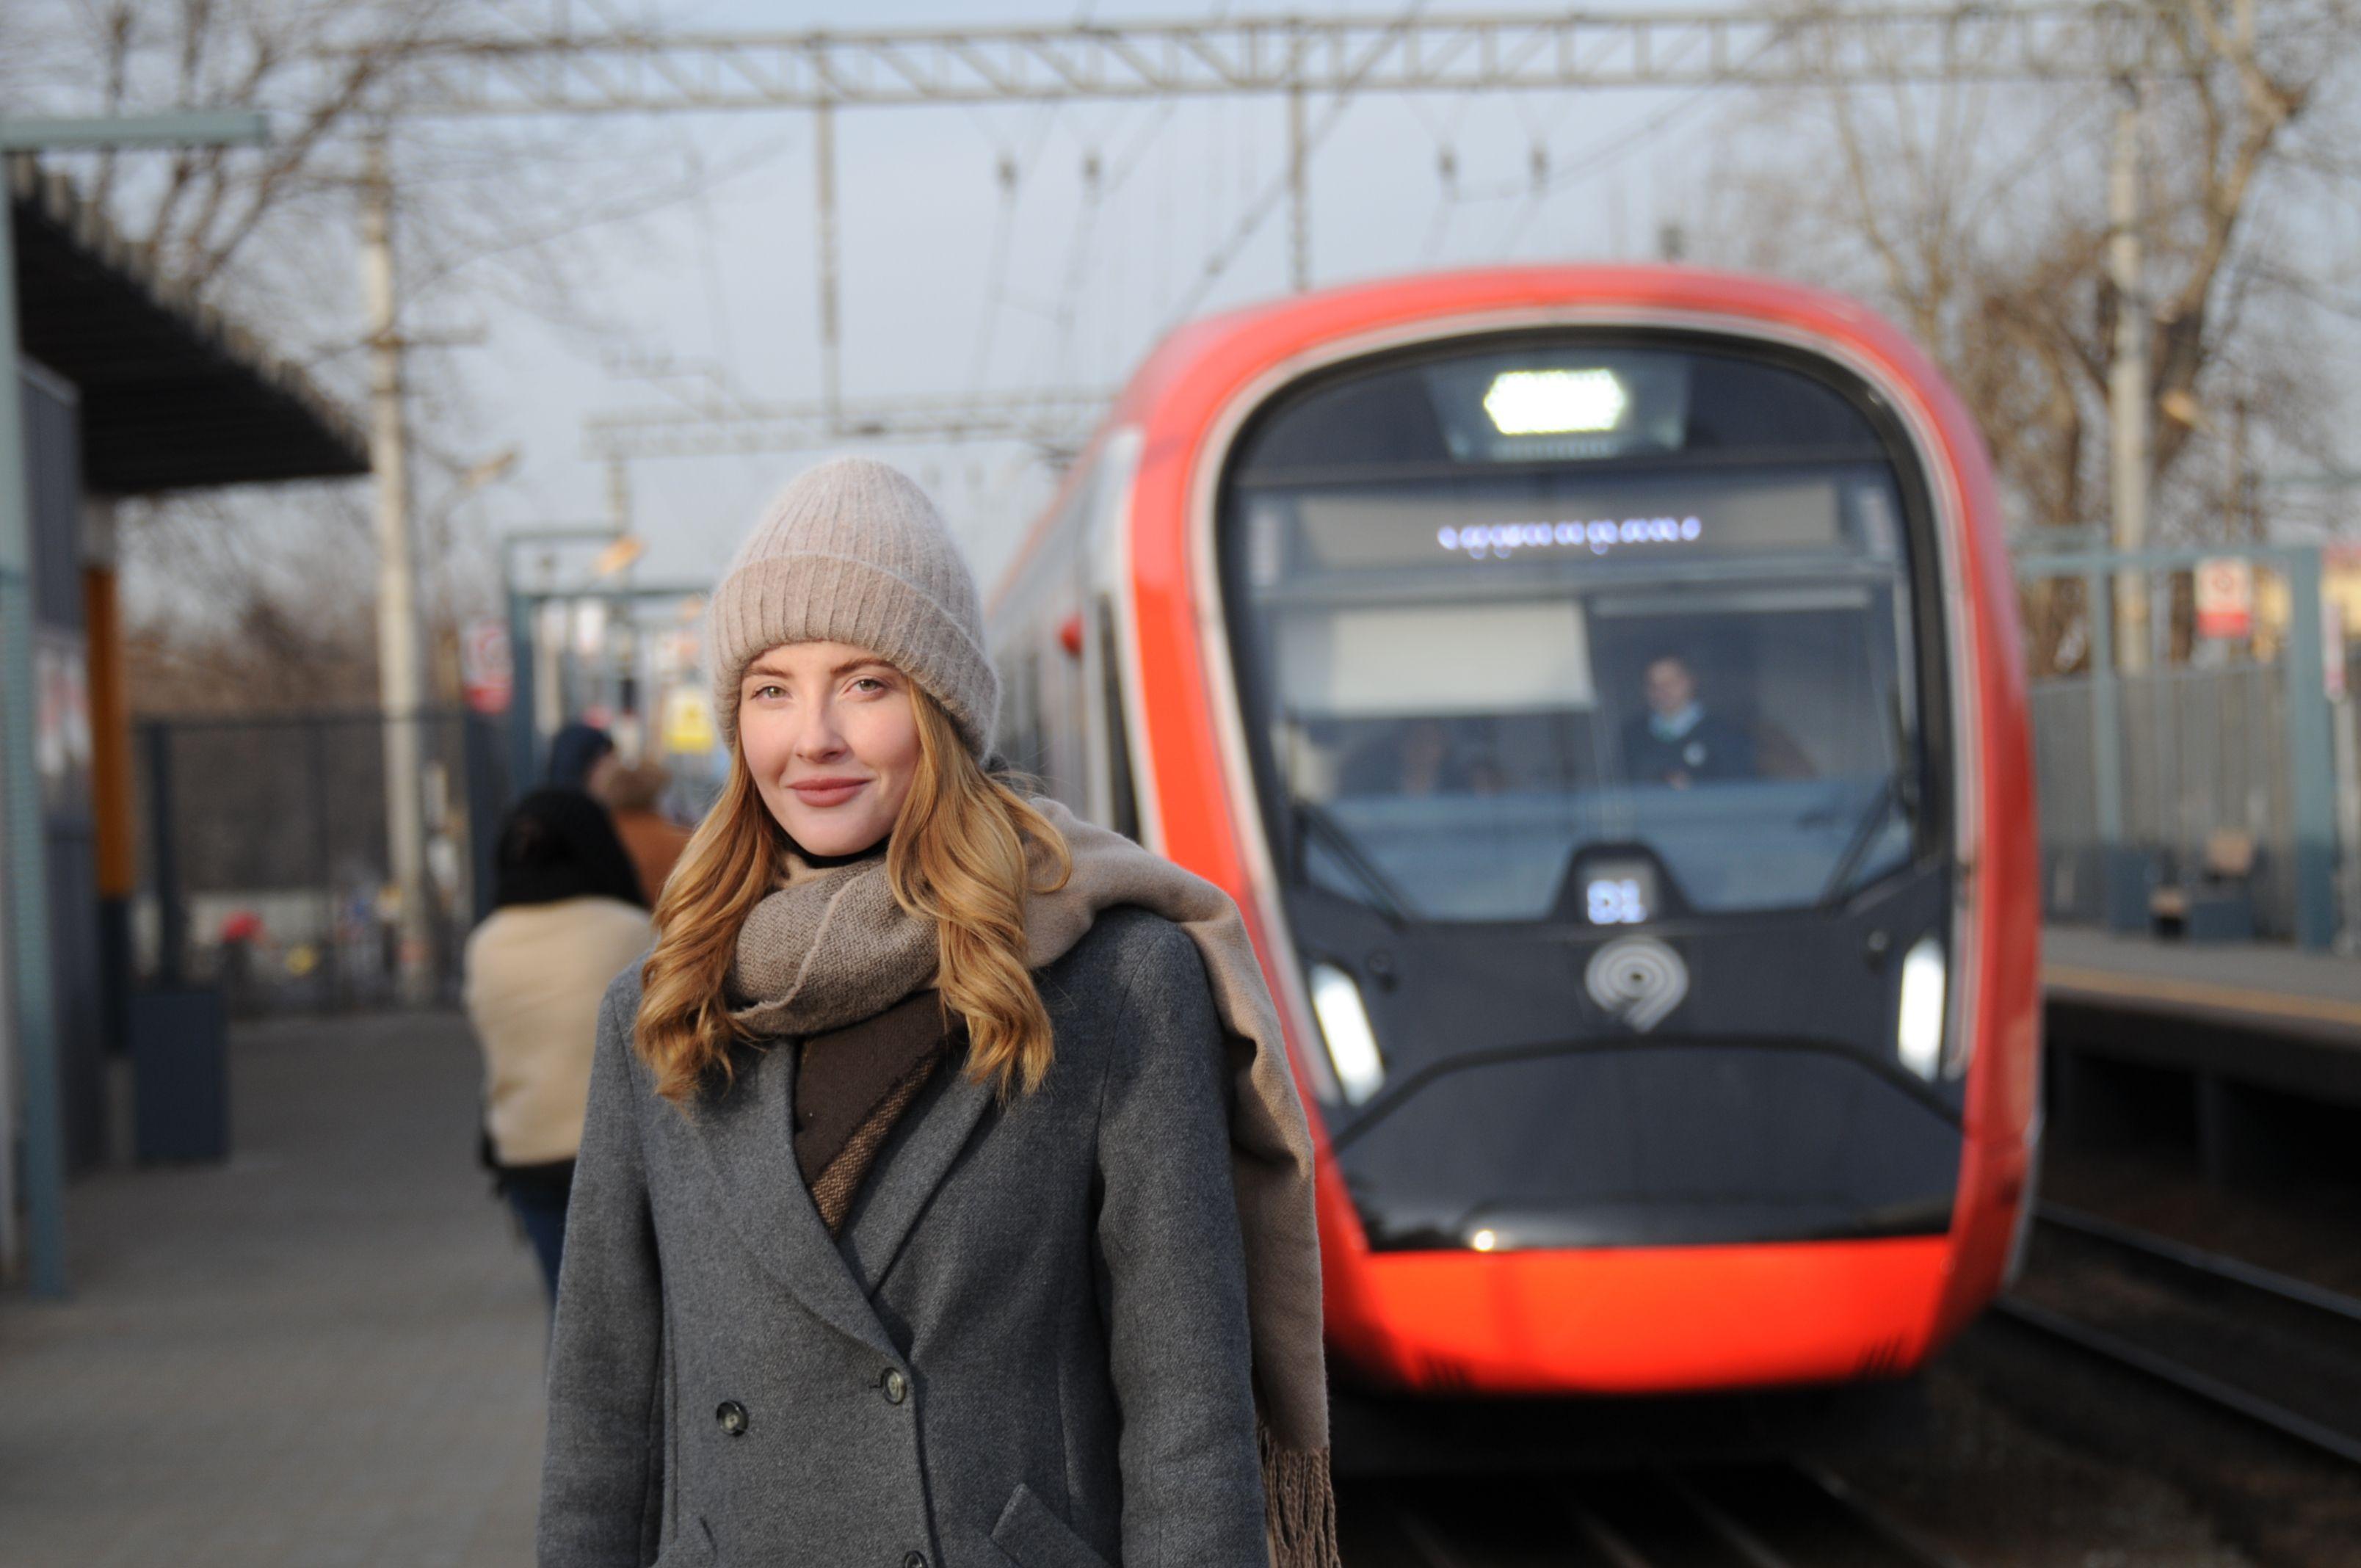 Станция МЦД-2 «Остафьево» находится в финальной стадии готовности